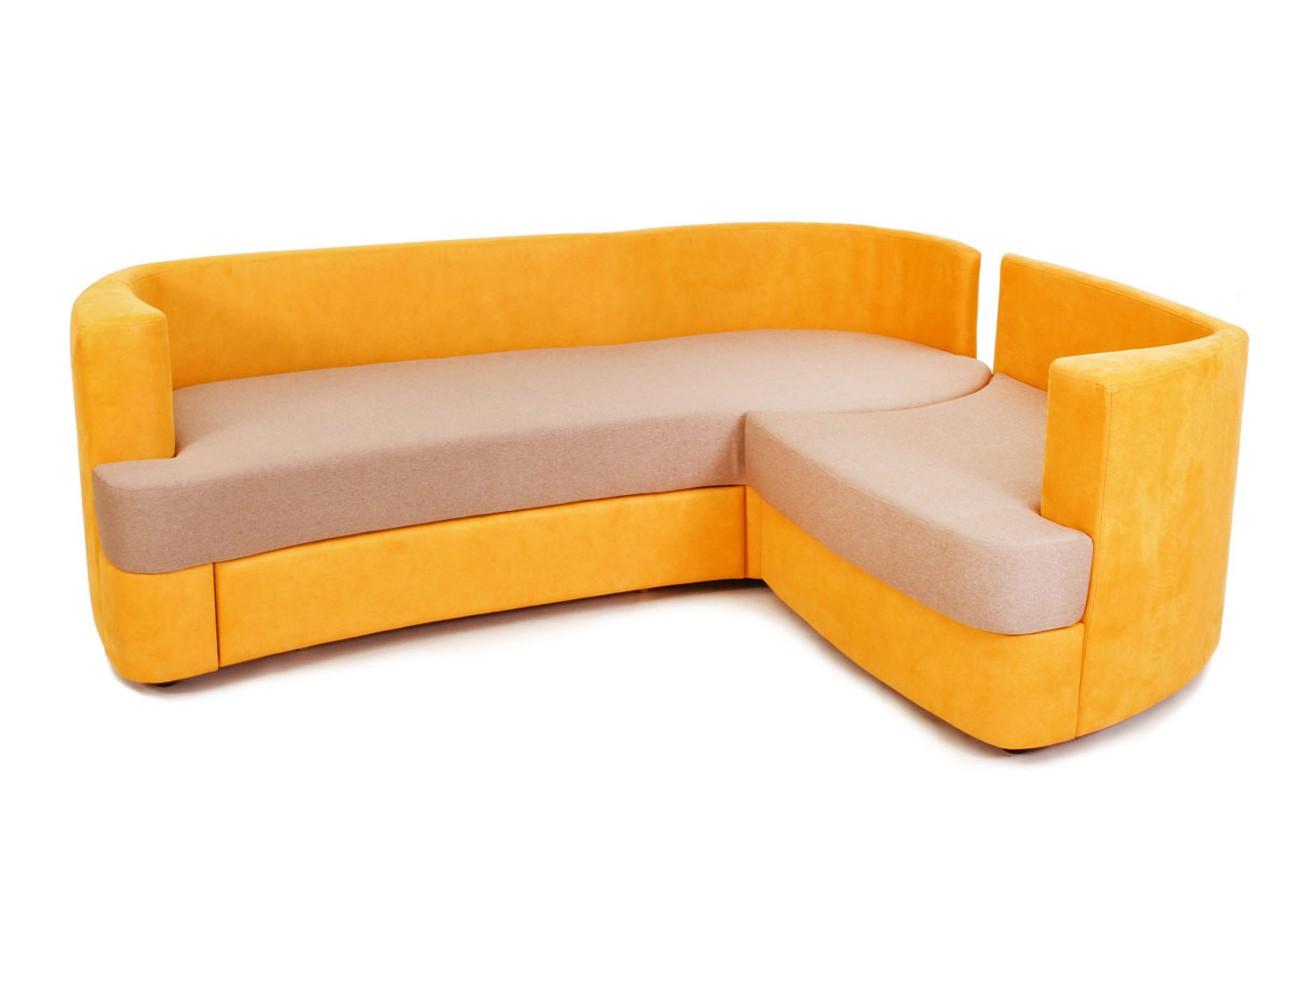 Диван Да ВинчиМодульные диваны<br>Эркерный диван &amp;quot;Да Винчи&amp;quot; - оригинальная модель с поворотной (приставной) секцией. Эта модель отличается лаконичностью форм, минимализмом в отделке и авторской системой изменения компоновки. Это одновременно диван для отдыха и двуспальная кровать.&amp;amp;nbsp;&amp;lt;div&amp;gt;&amp;lt;br&amp;gt;&amp;lt;/div&amp;gt;&amp;lt;div&amp;gt;Большой выбор обивочных тканей.&amp;lt;/div&amp;gt;<br><br>Material: Текстиль<br>Ширина см: 232<br>Высота см: 77<br>Глубина см: 194